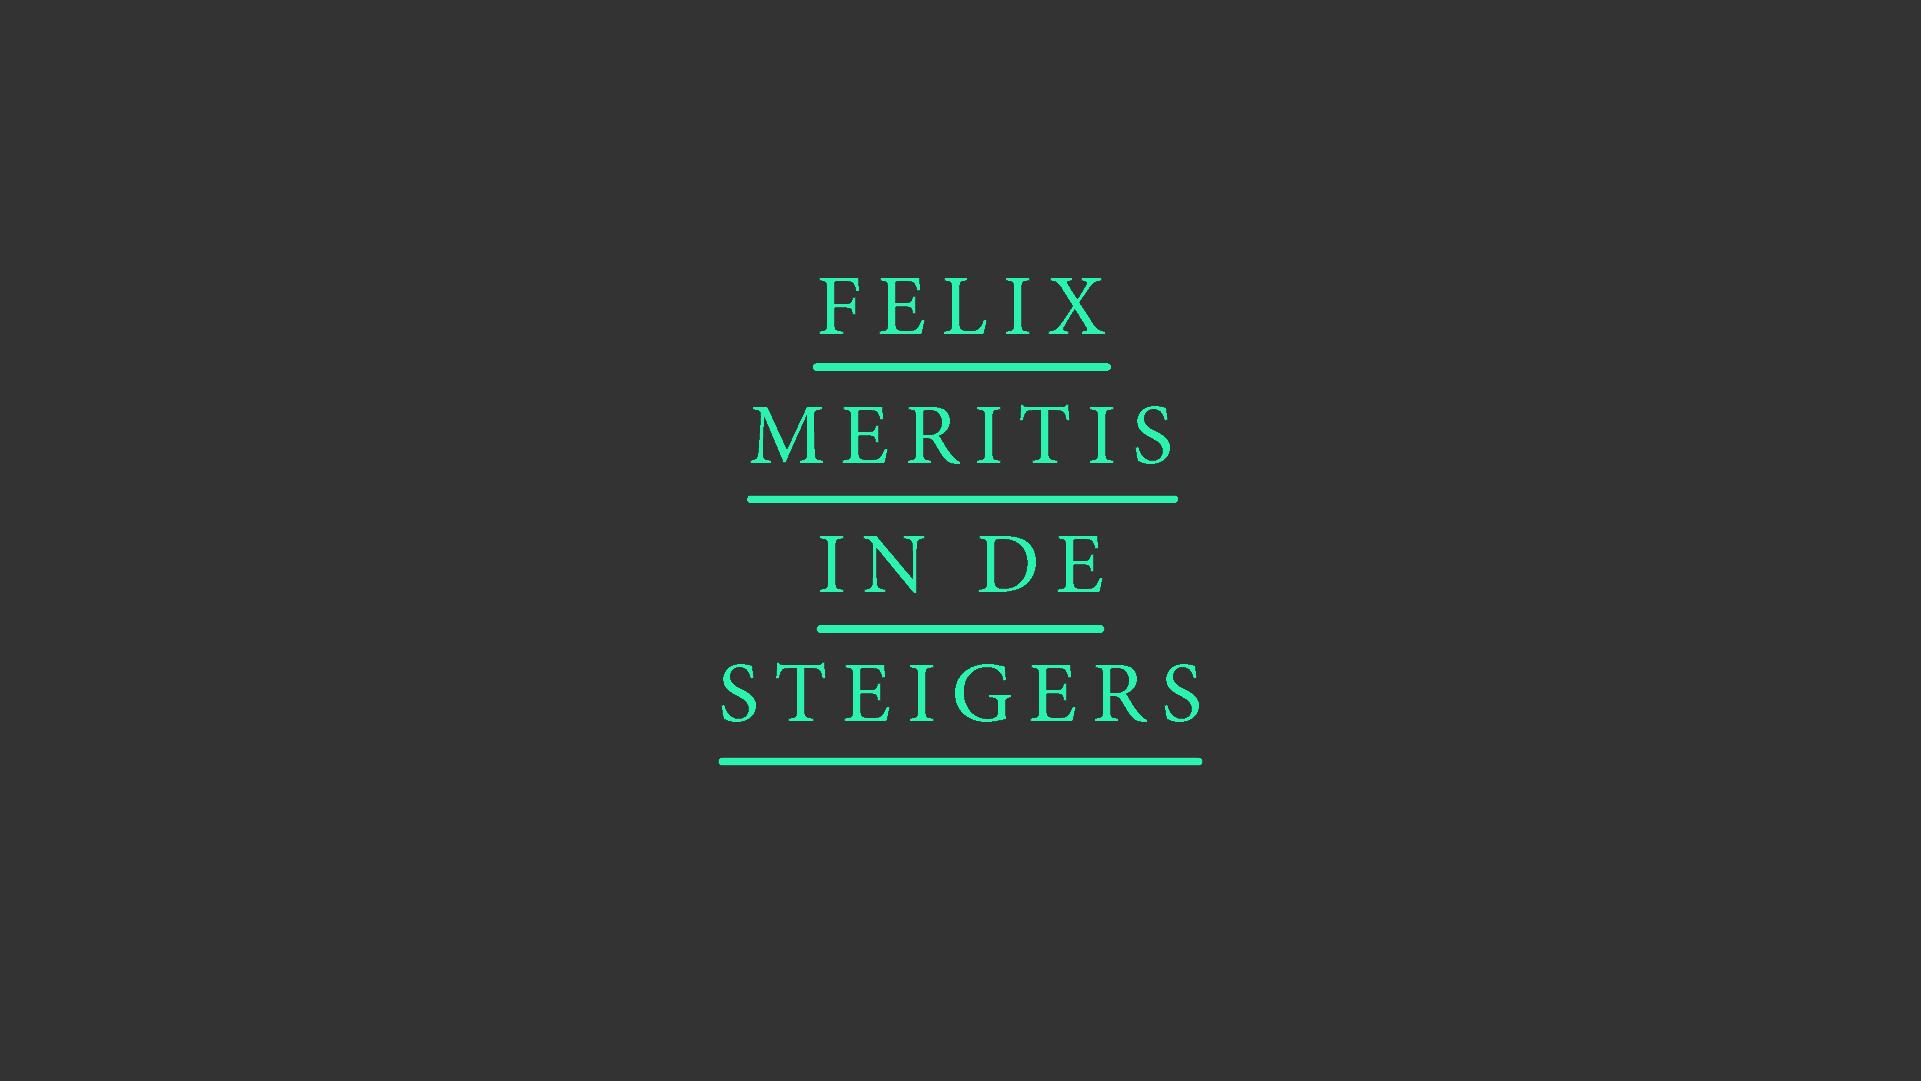 Felix Meritis